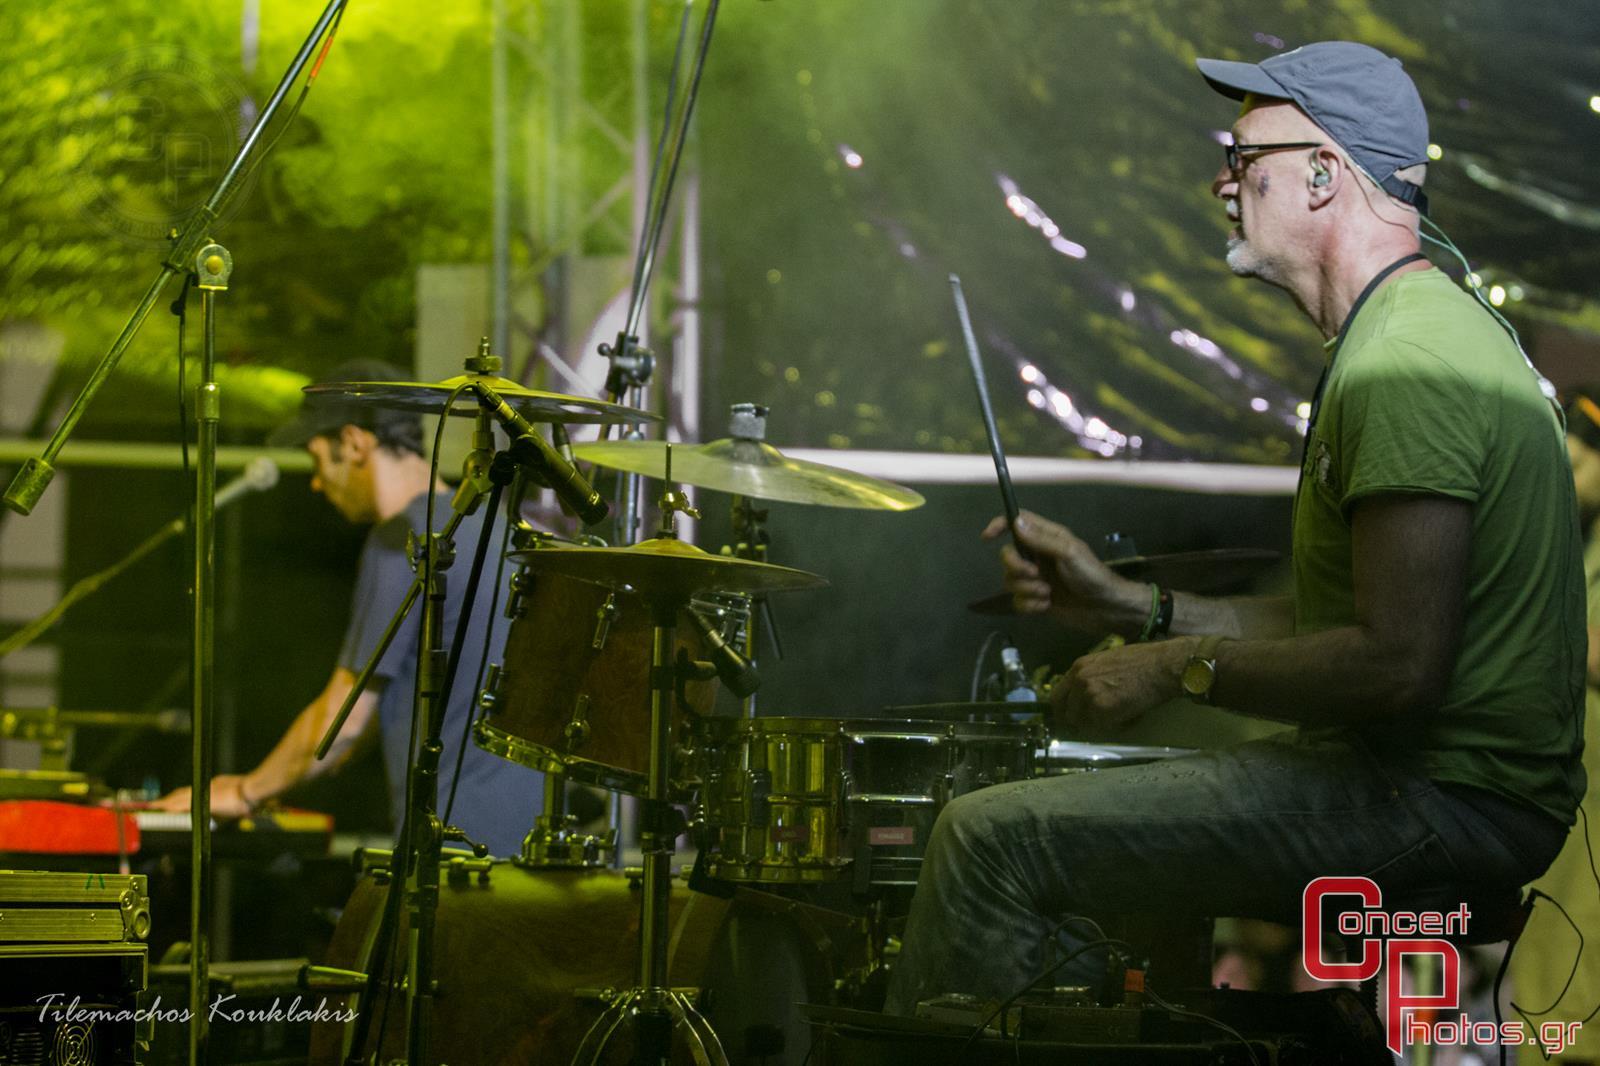 Μία συναυλία για τη Σχεδία 2014-Sxedia 2014 photographer:  - concertphotos_20140530_20_13_36-8